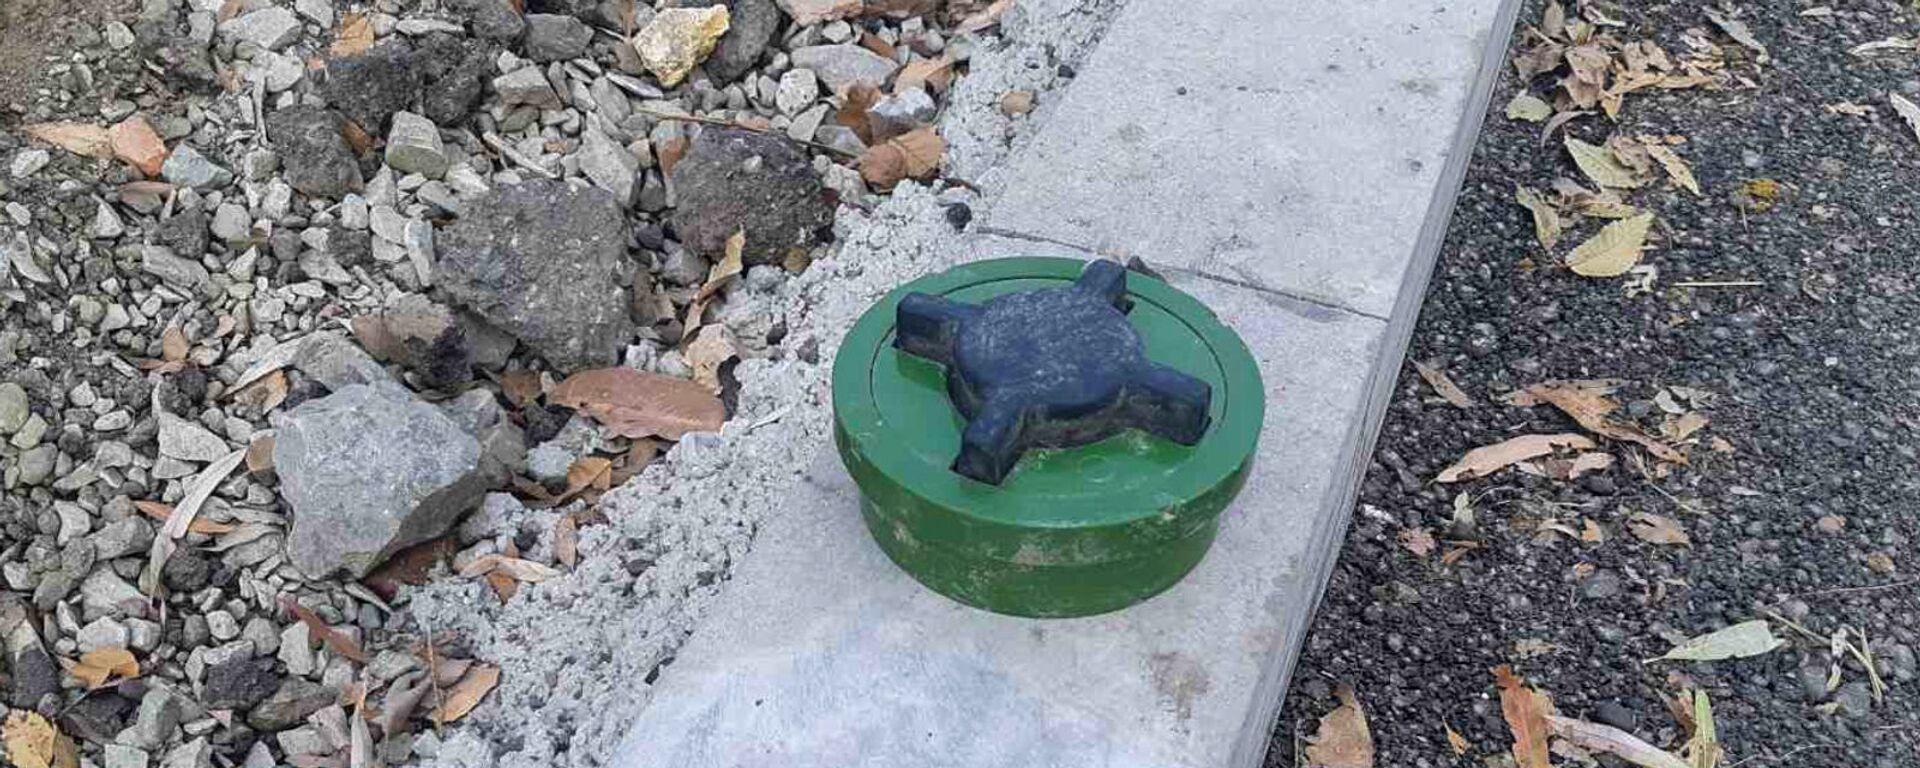 Обезврежена обнаруженная в городе мина (30 ноября 2020). Гюмри - Sputnik Արմենիա, 1920, 30.11.2020